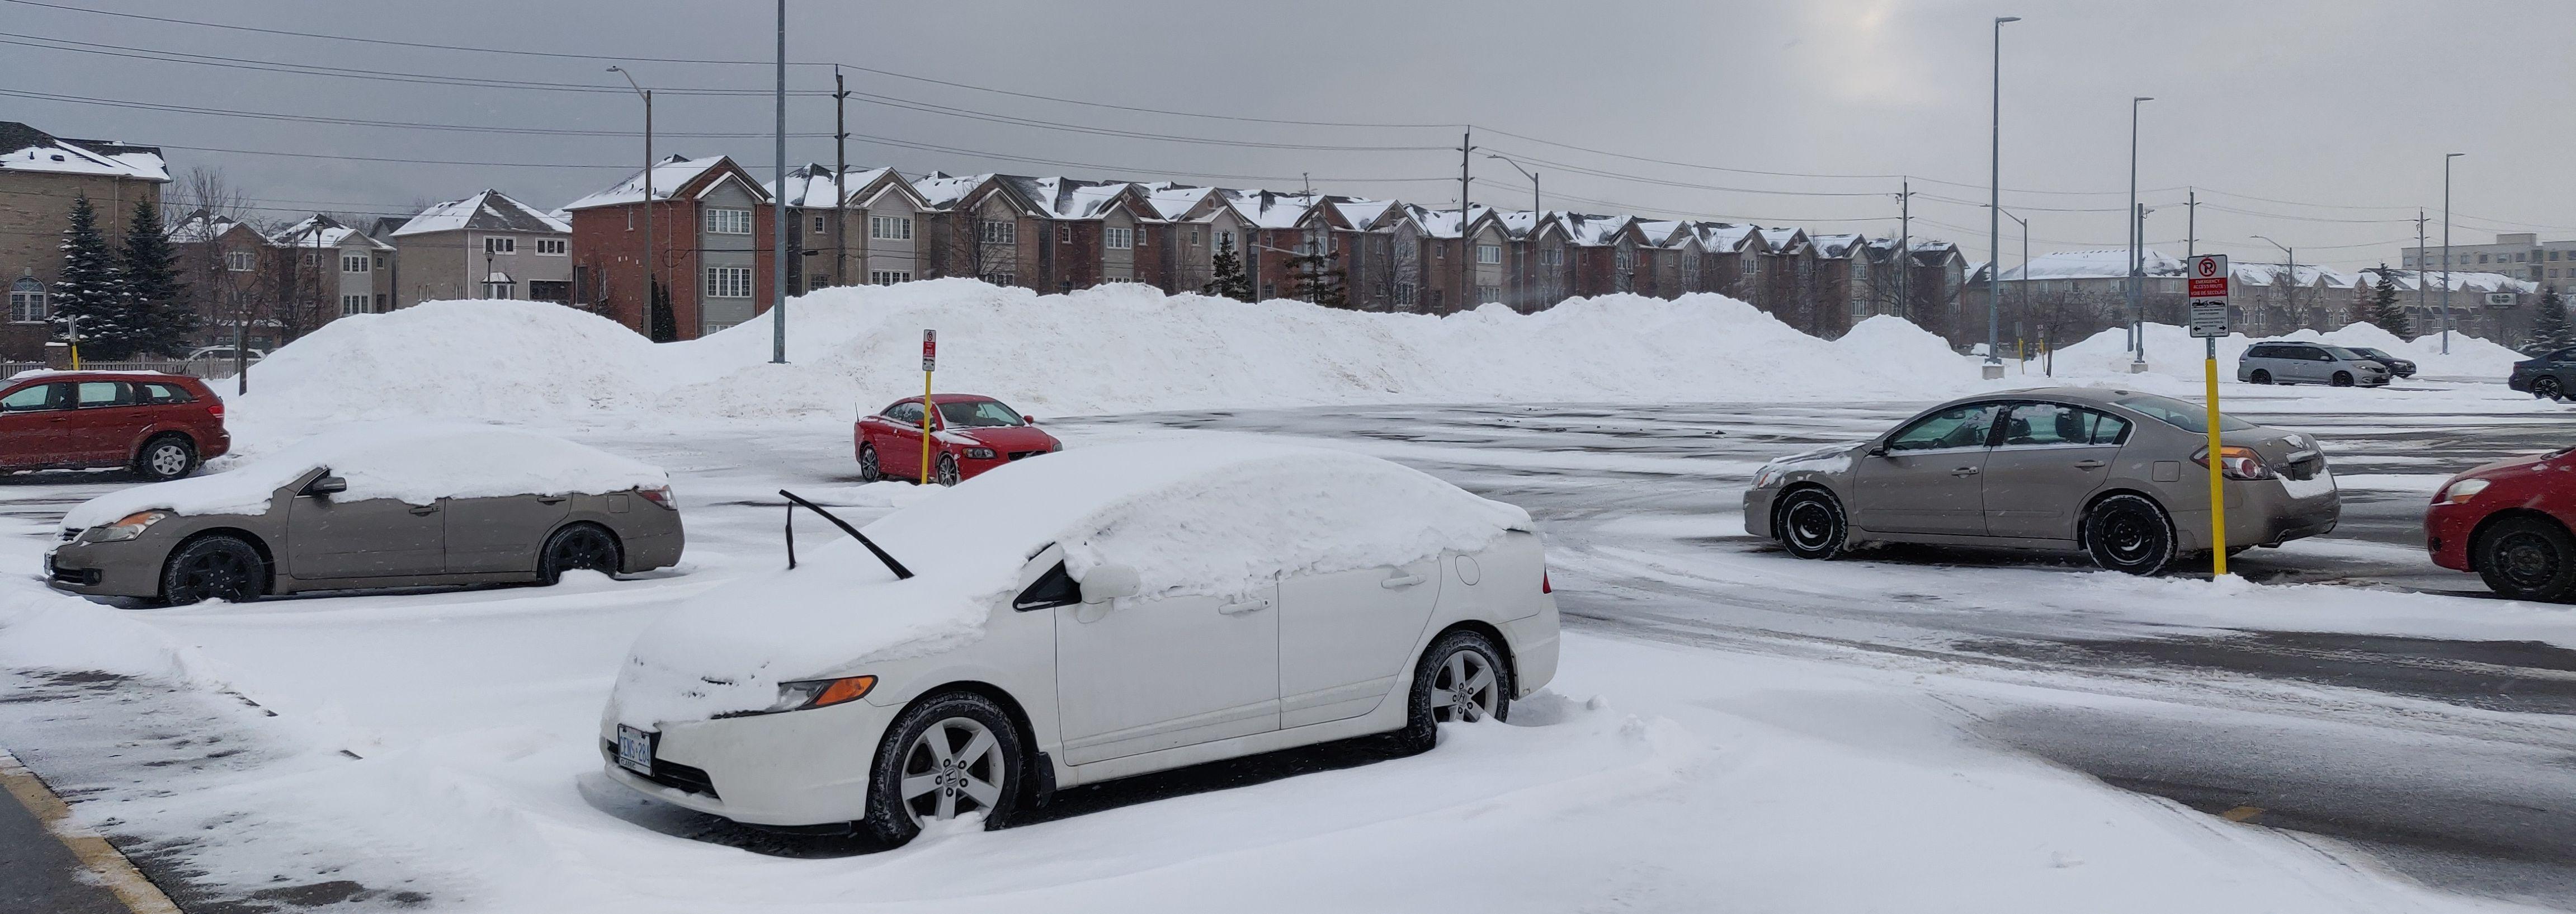 snowstormintoronto